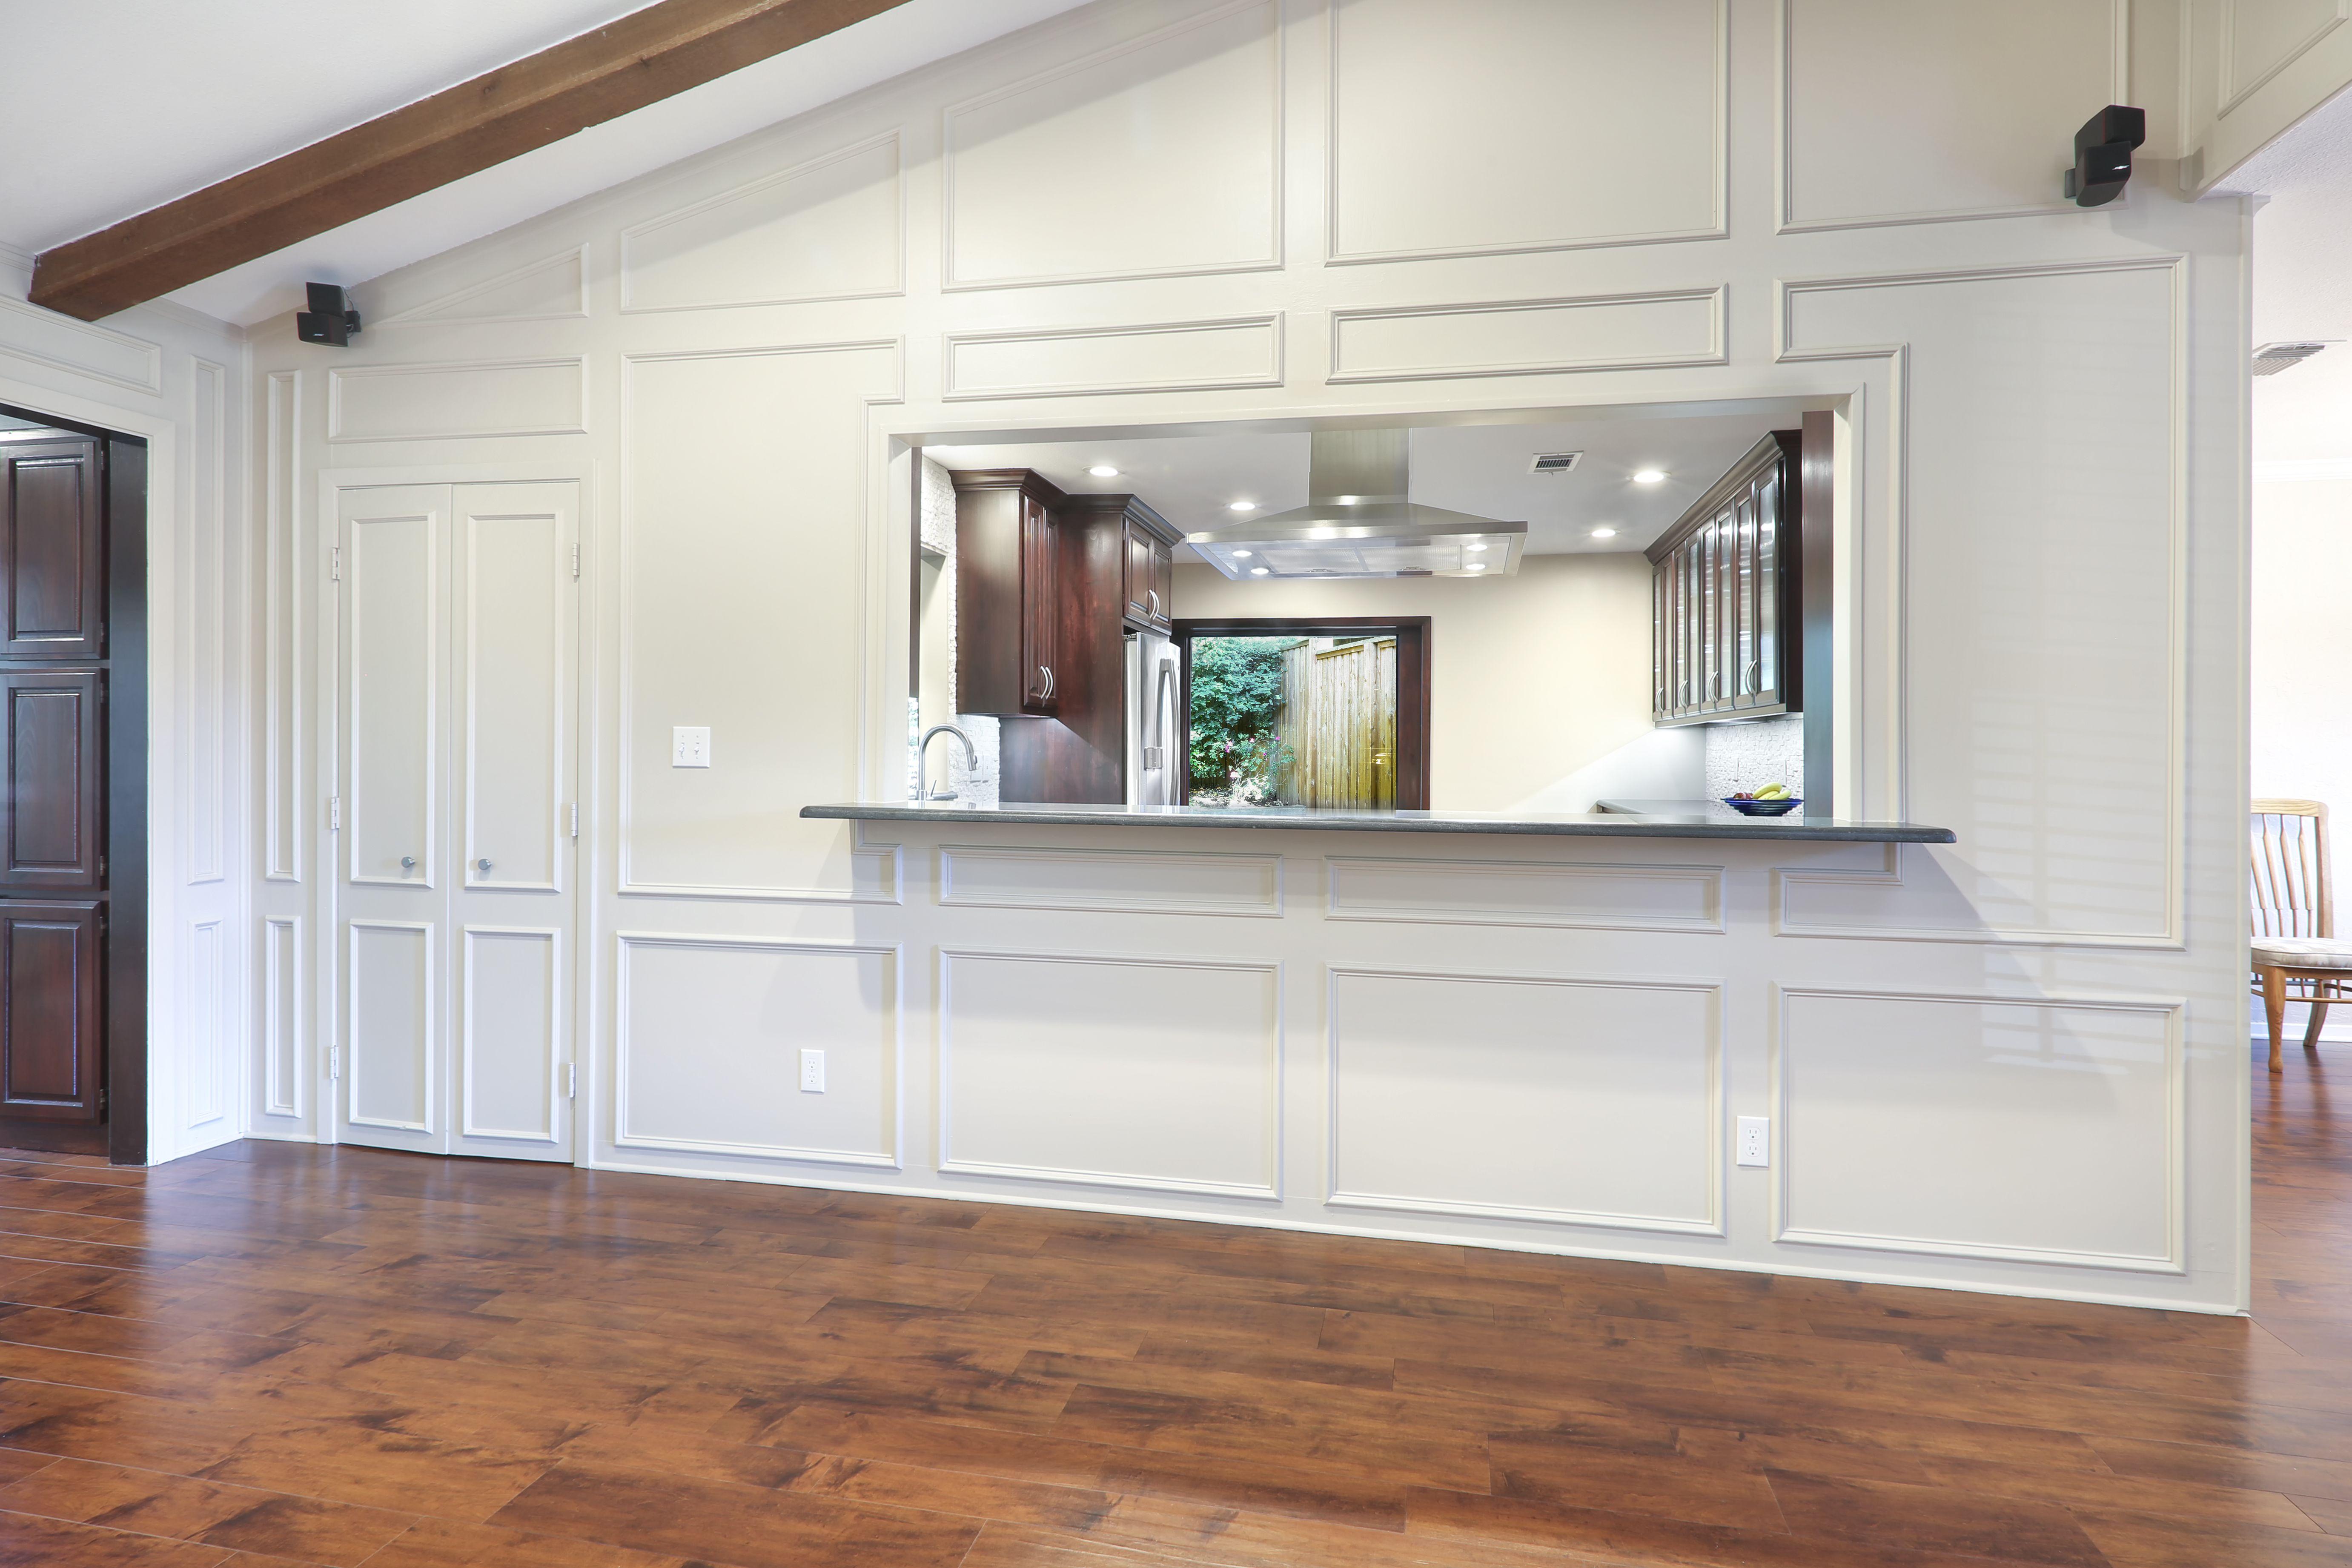 Passthrough Kltchendesign Floorplan Kitchenbar Homeremodeling